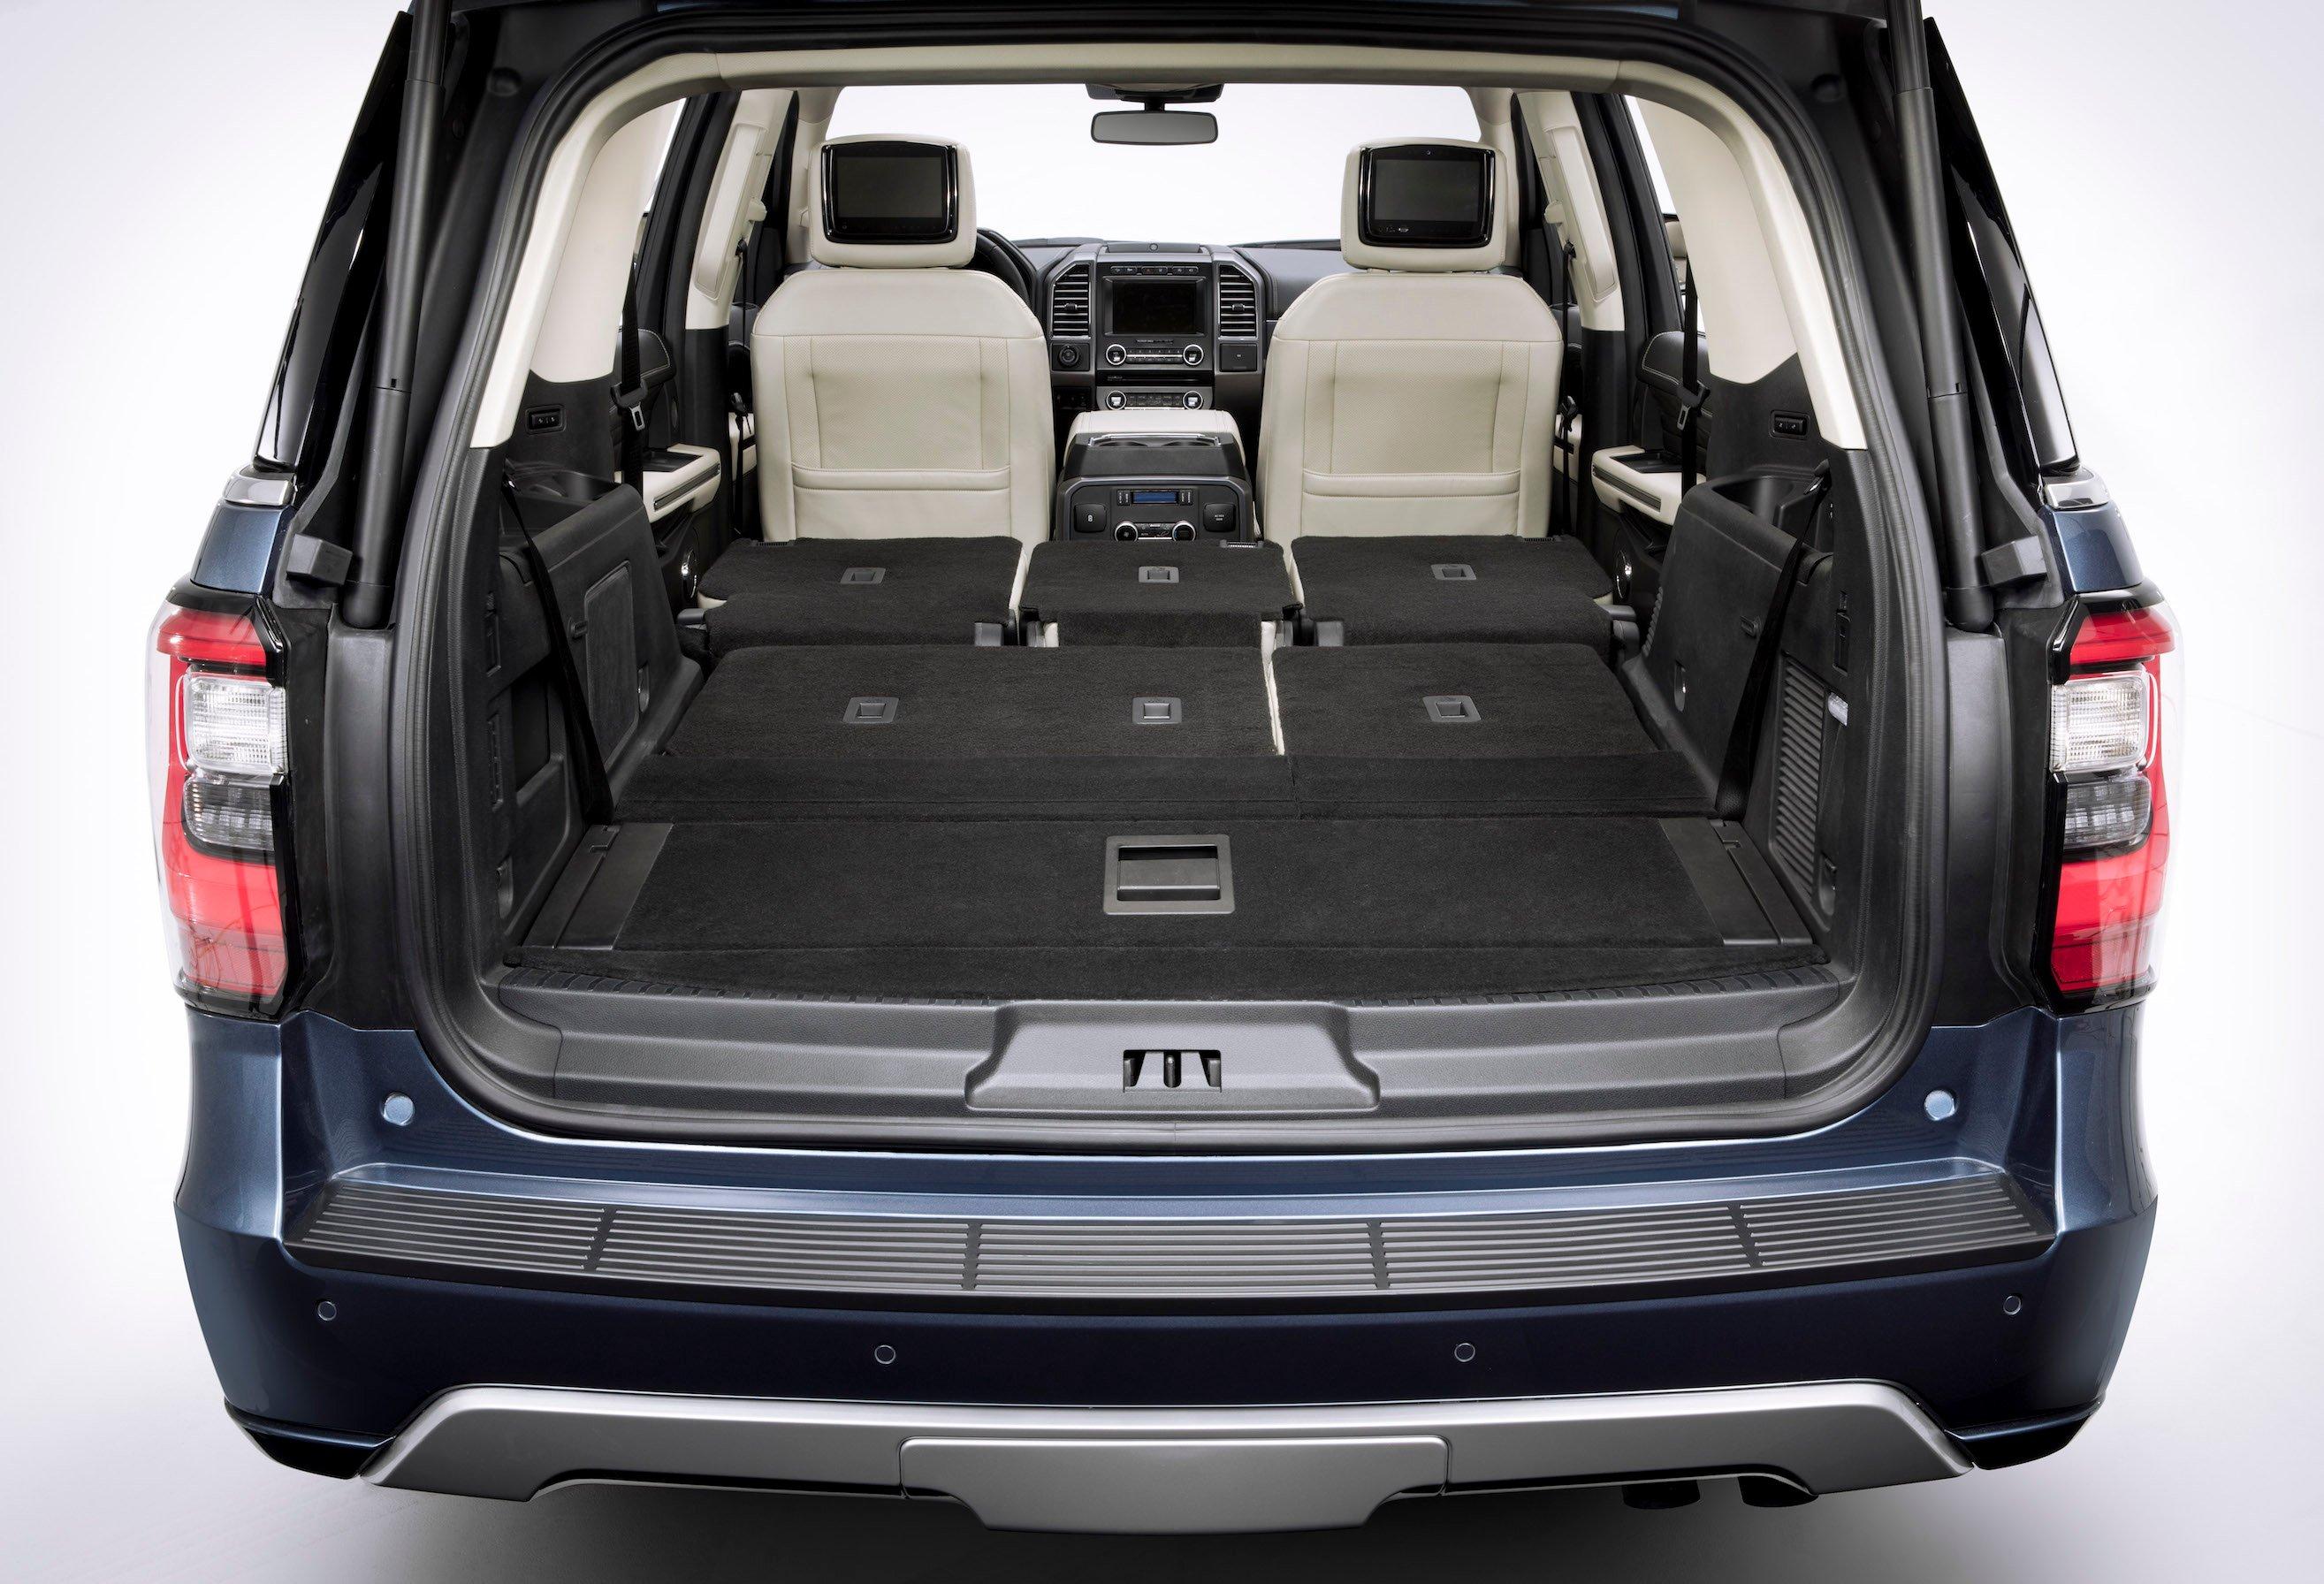 فورد إكسبيديشن: سيارة عائلية مستعدة لخوض المغامرات وتلبية تطلعات السائقين